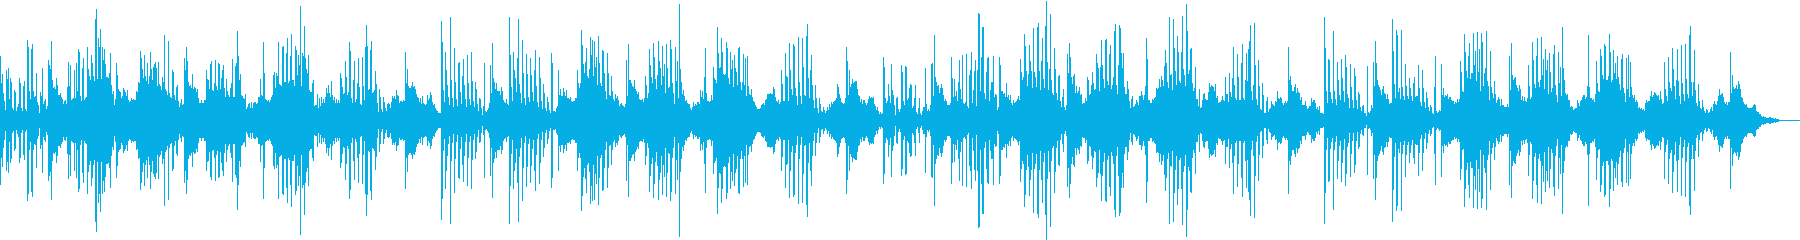 民族楽器を用いたヒーリング音楽の再生済みの波形